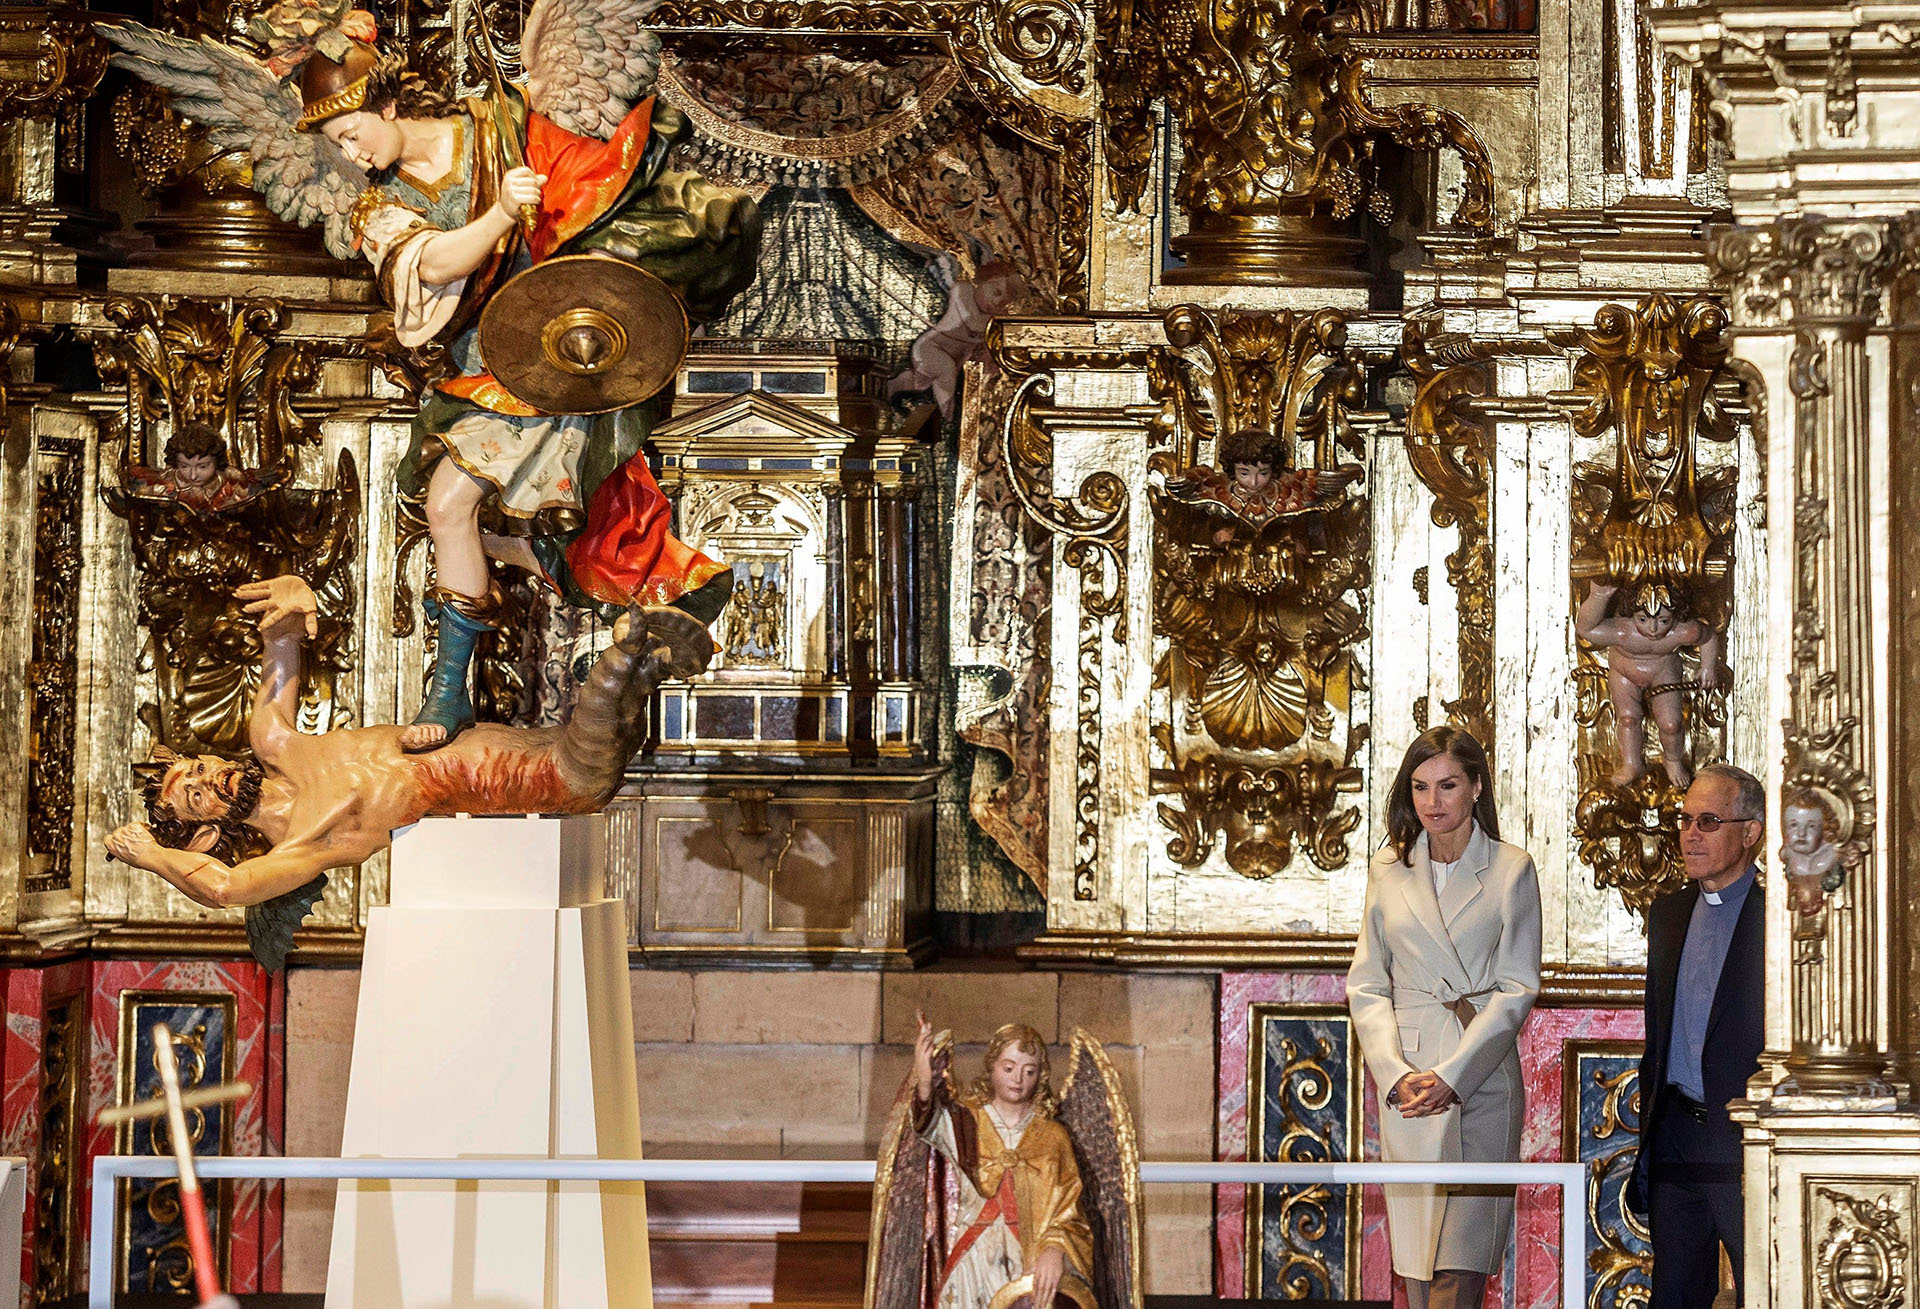 El Greco, Juan de Juni, Gregorio Fernández o Gil de Siloé son algunos de los pintores y escultores que están representados con sus obras en los tres espacios de la exposición, que podrá visitarse hasta el próximo mes de noviembre